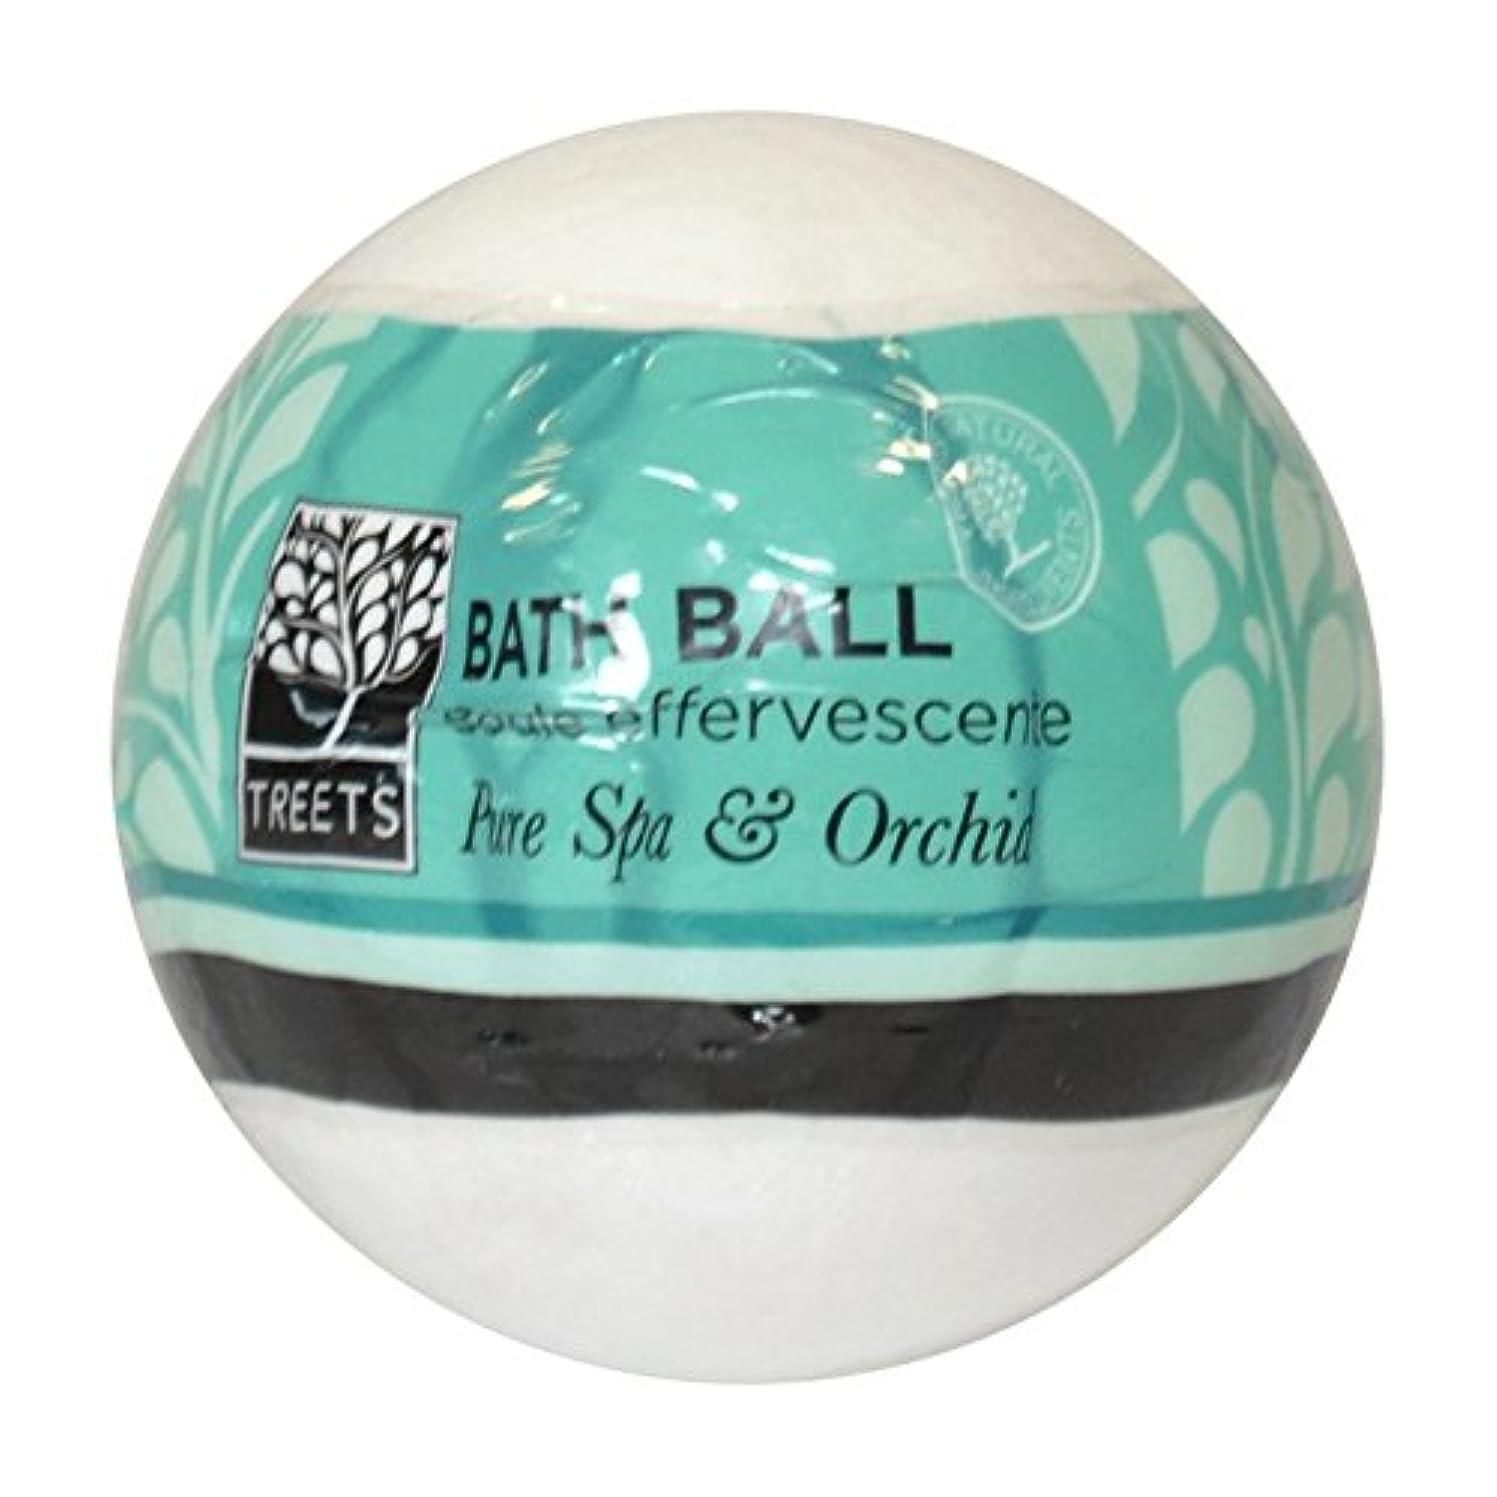 背骨テープ慈悲Treets Orchid & Pure Spa Bath Ball (Pack of 6) - Treets蘭&純粋なスパバスボール (x6) [並行輸入品]